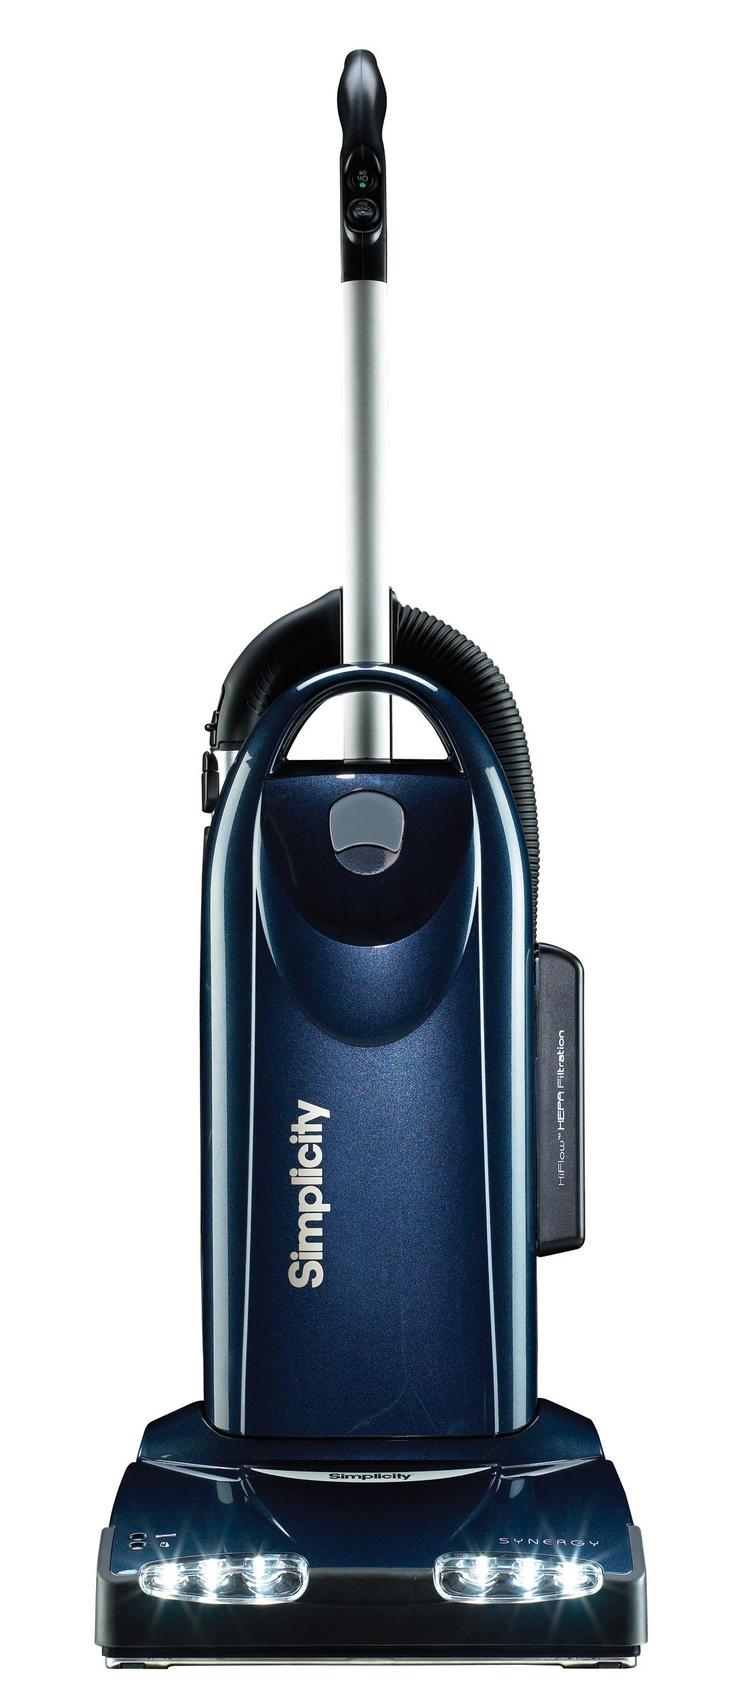 Simplicity X9 Simplicity vacuum, Vacuum cleaner, Vacuums